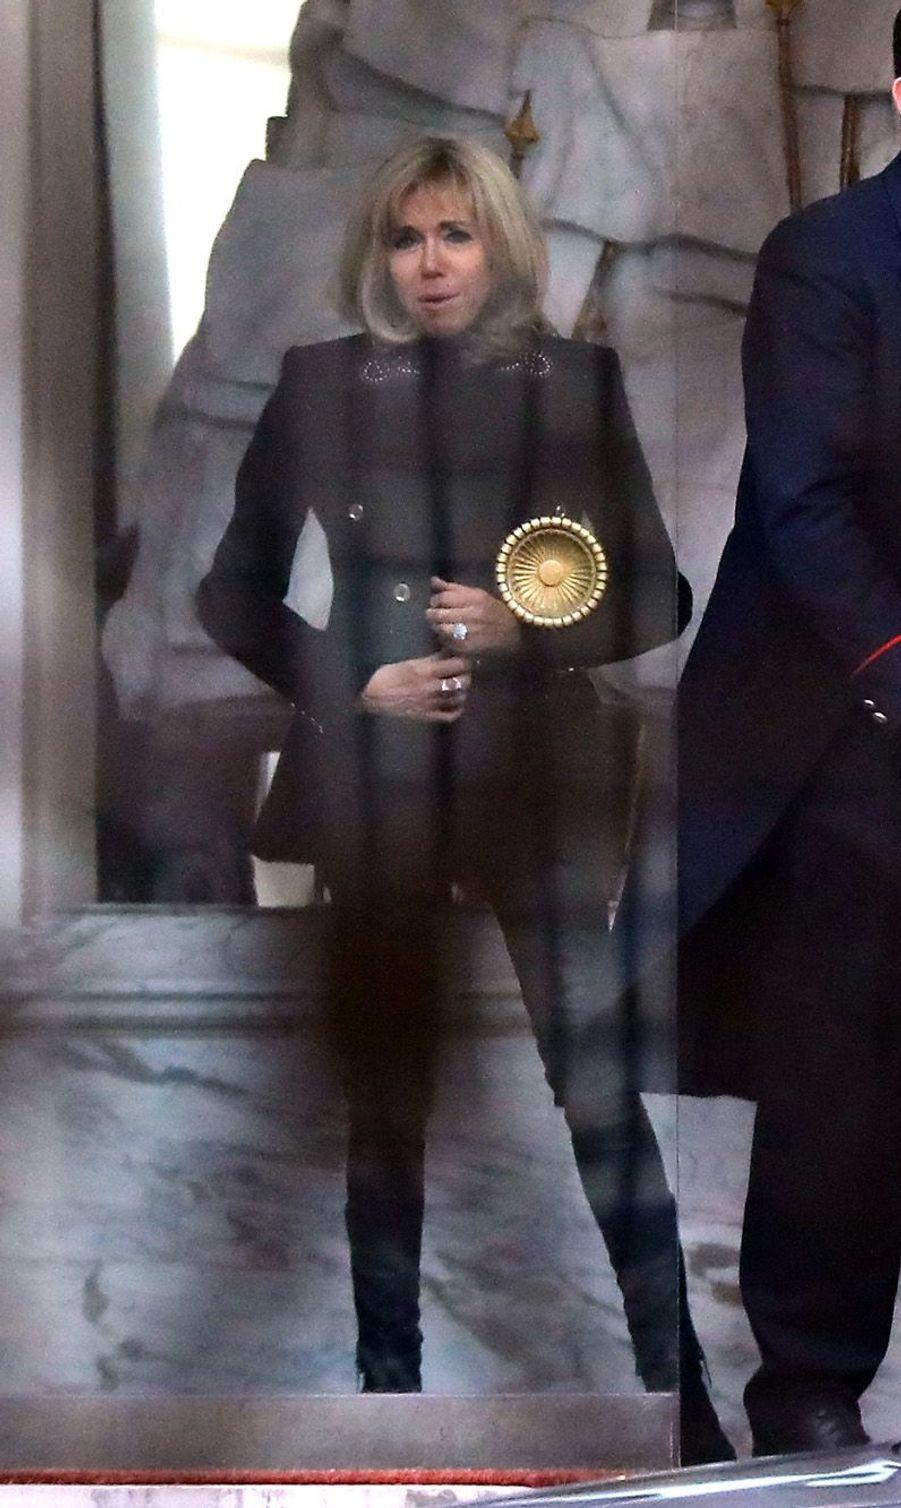 Brigitte Macron jeudi au palais présidentiel.